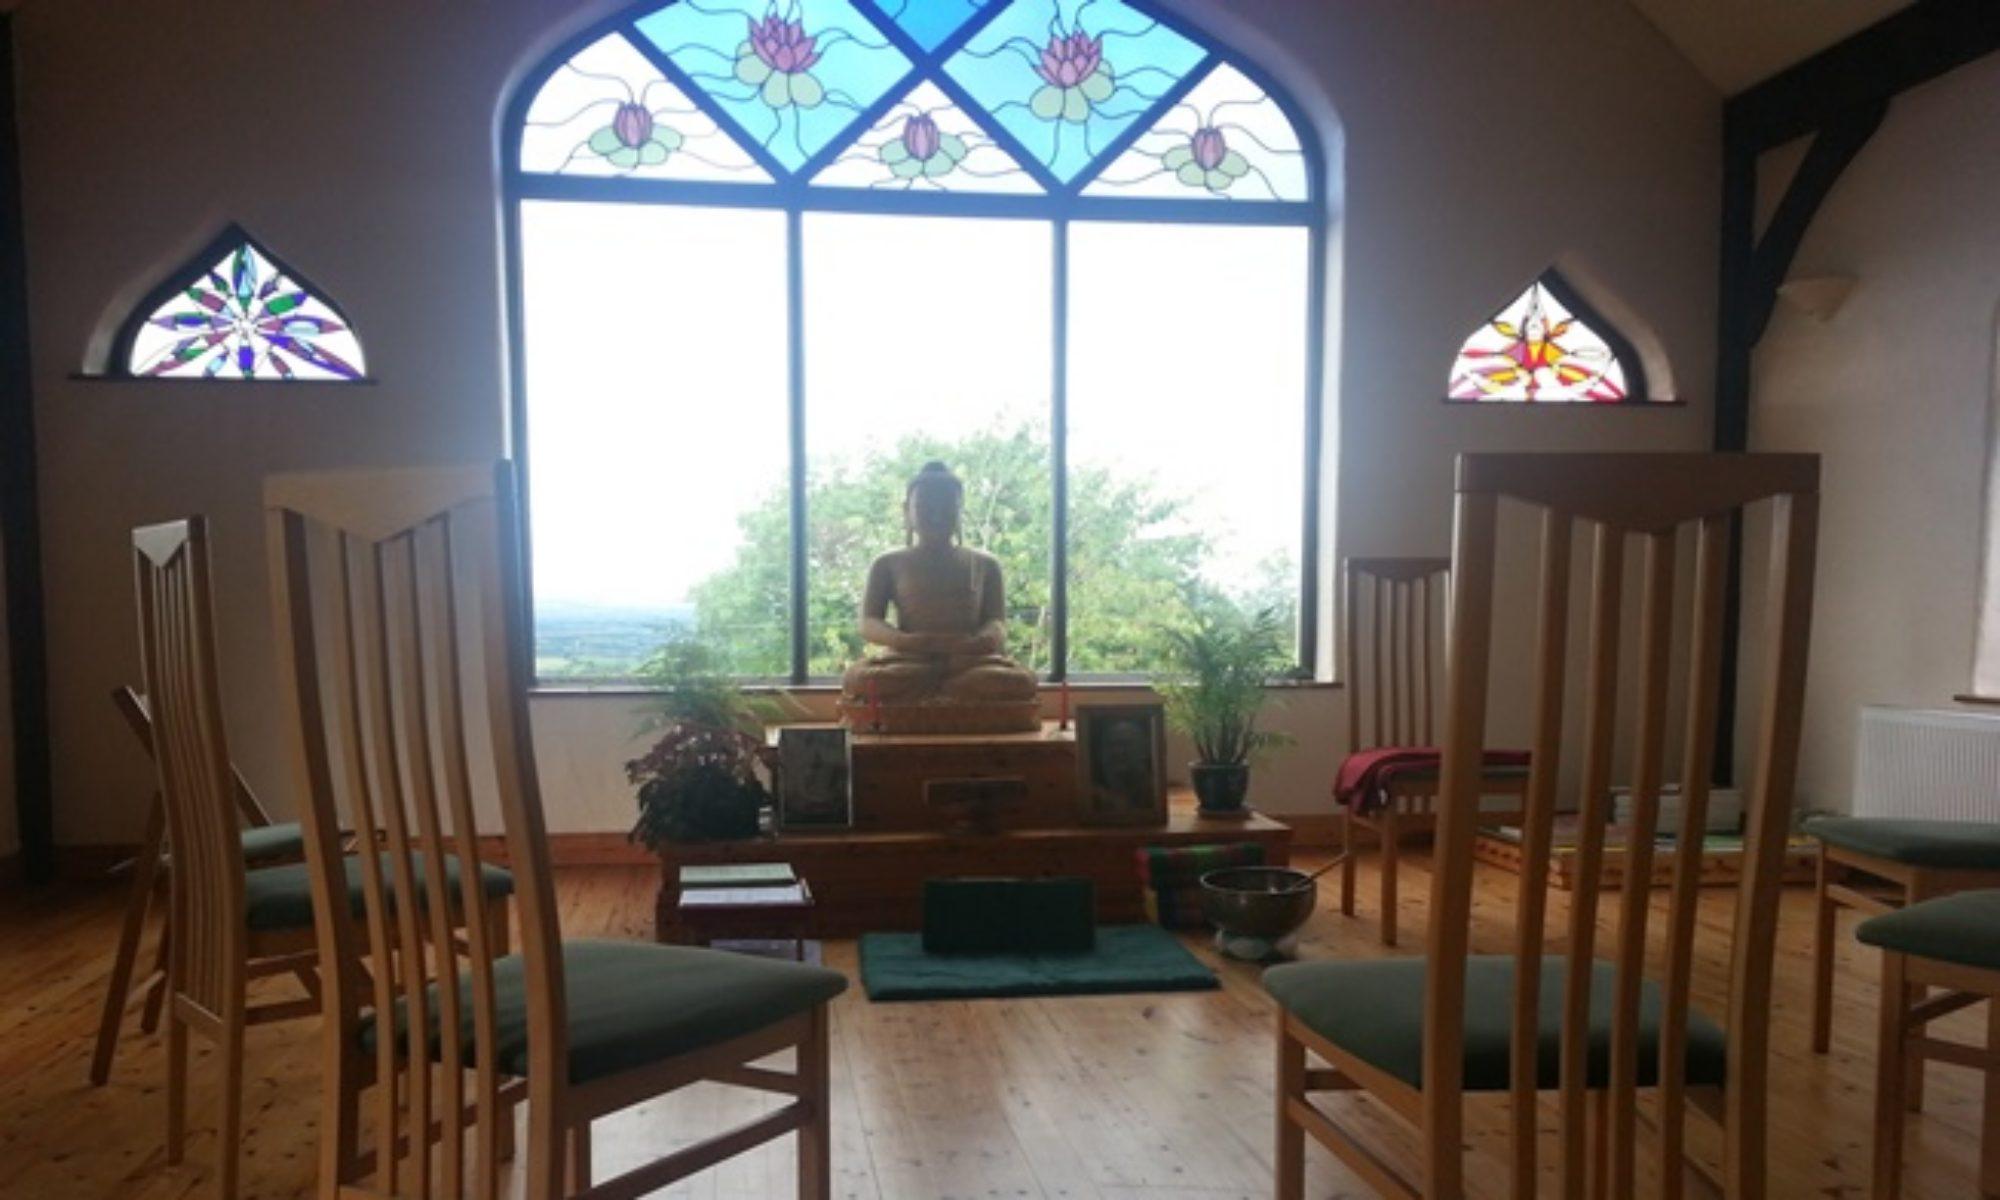 Fifth Precept Sangha